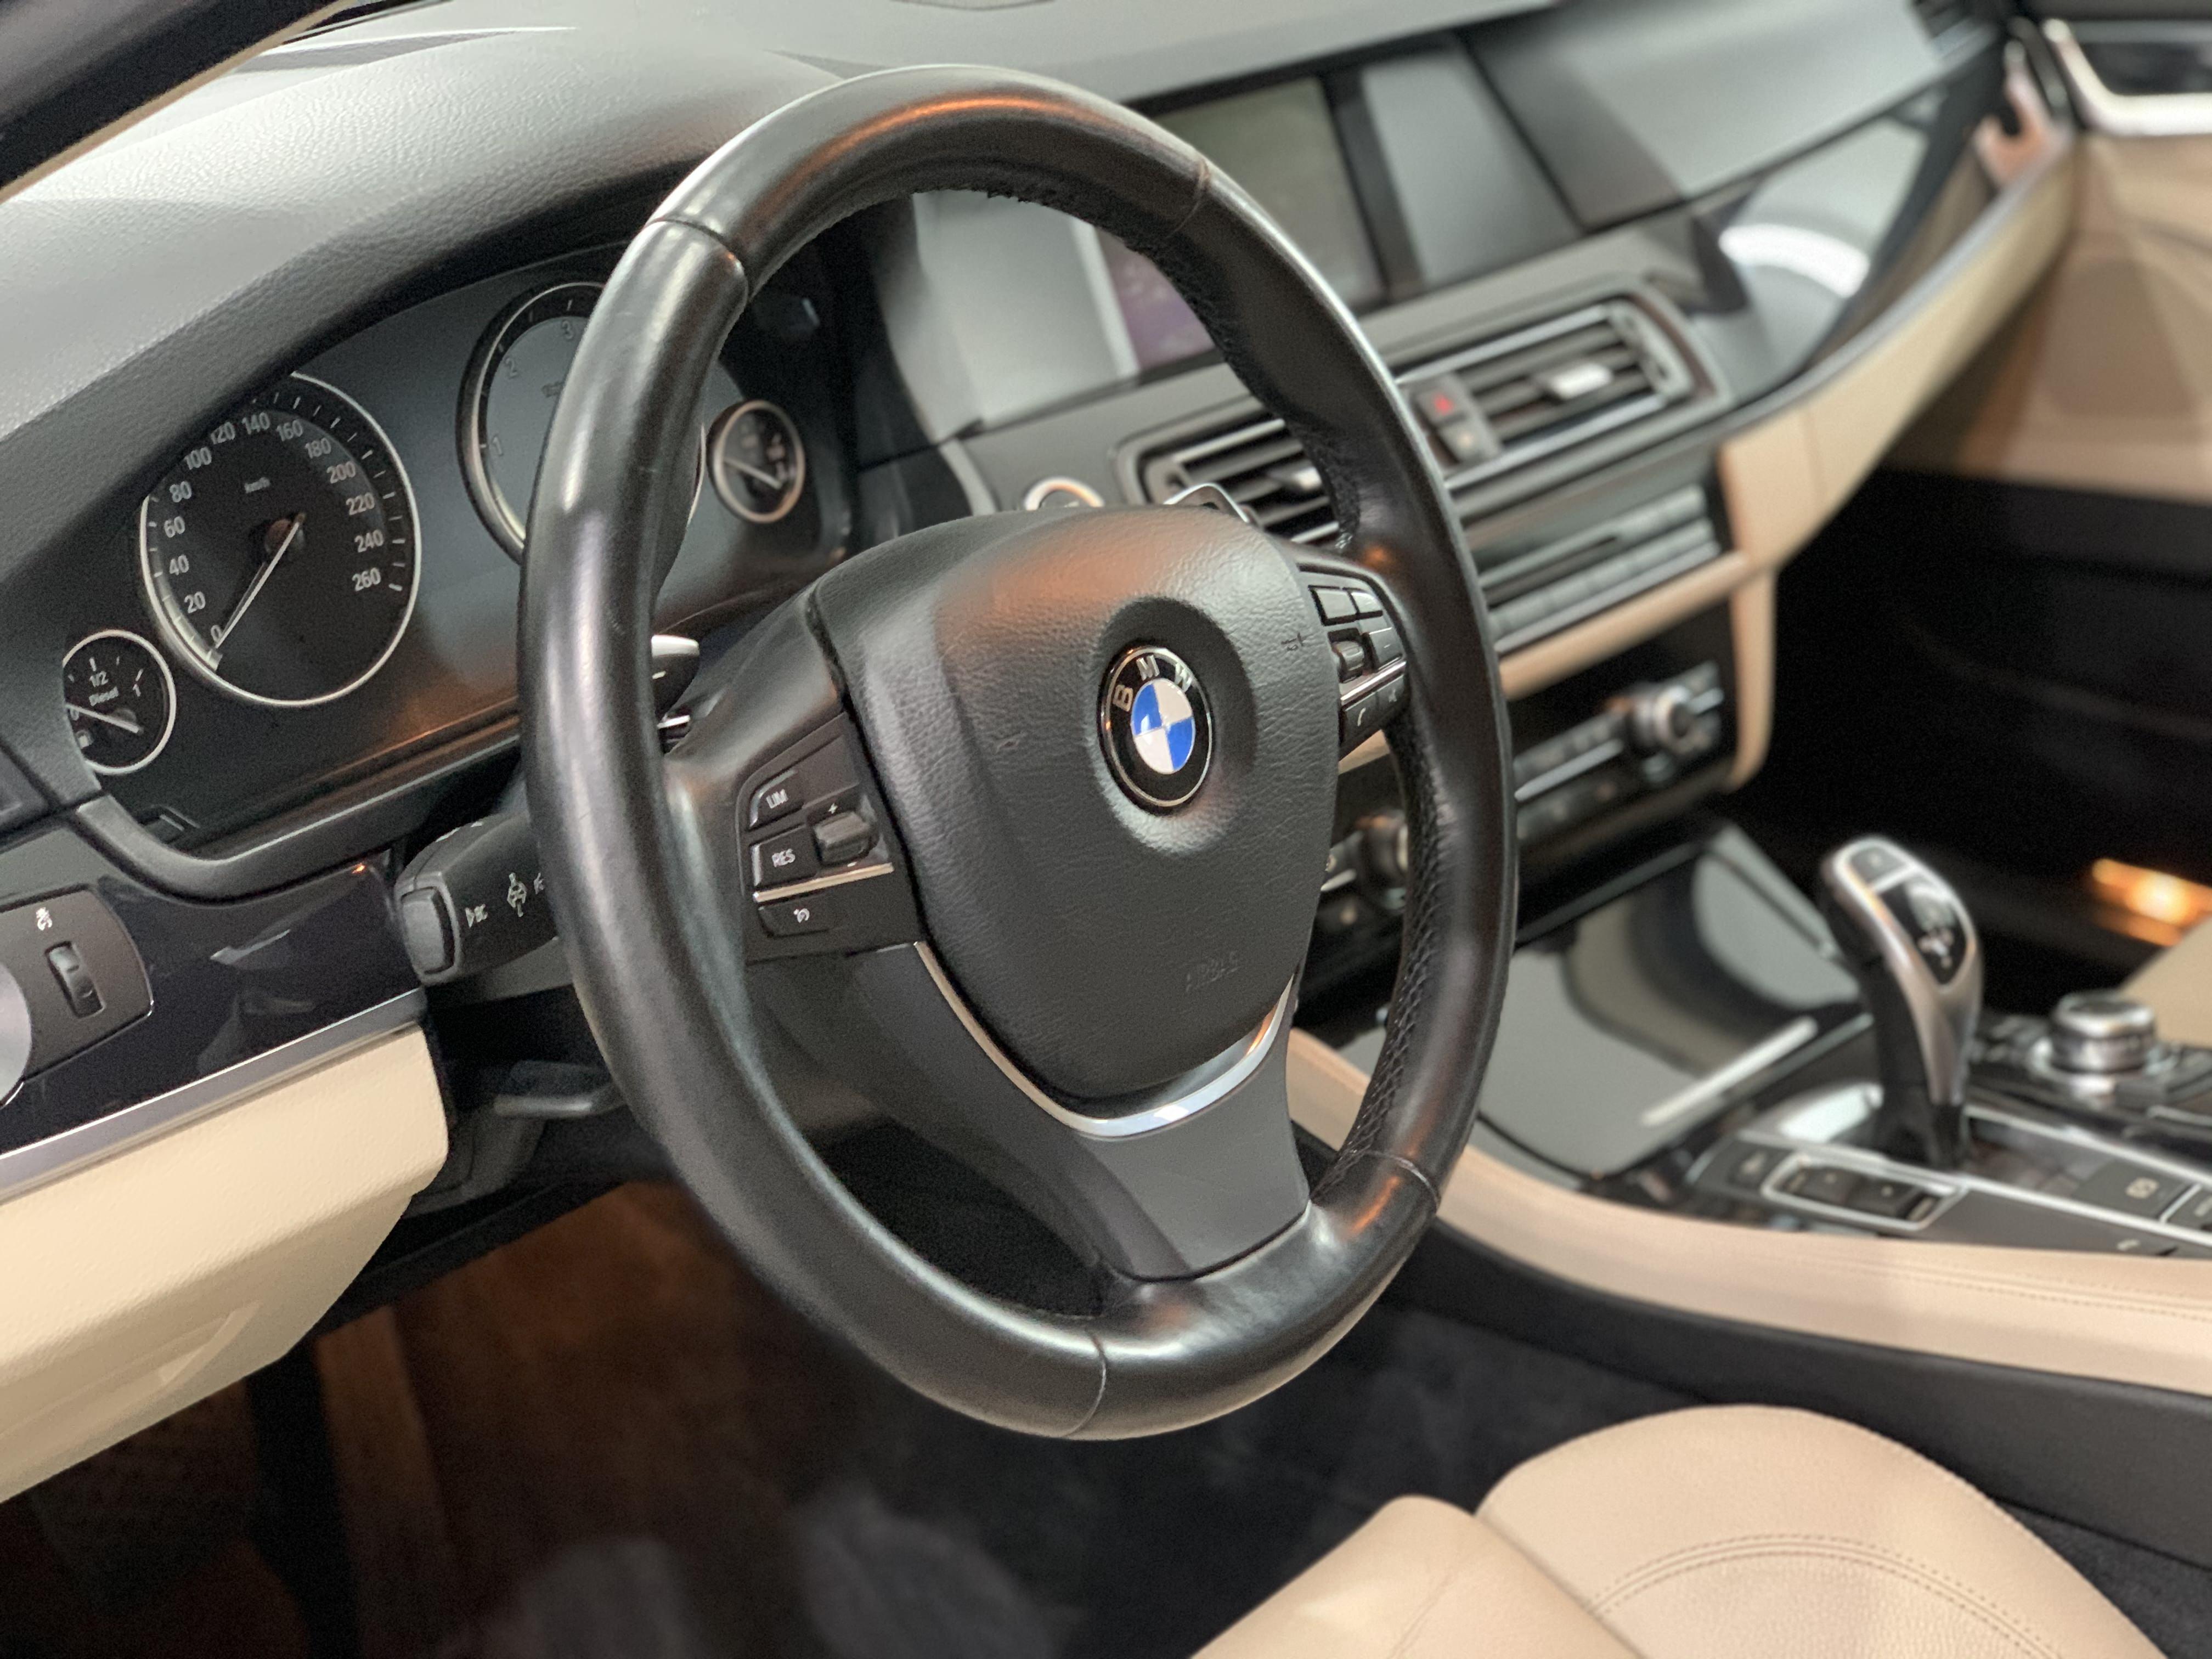 BMW F10 salona panelis pēc ķīmiskās tīrīšanas